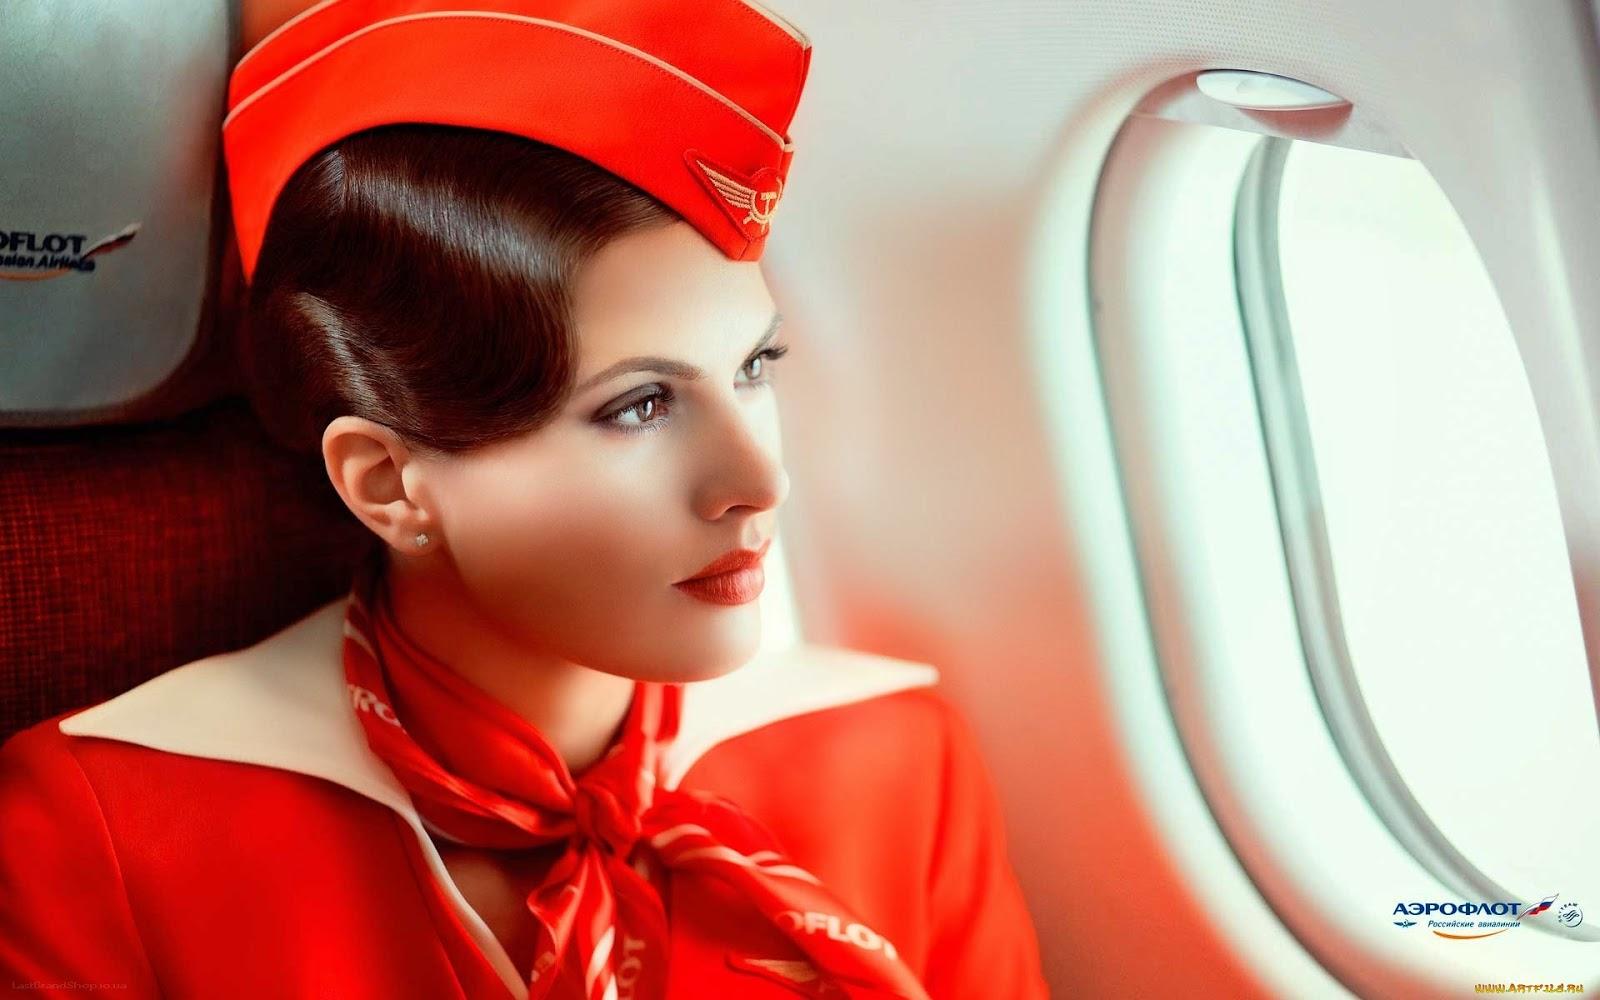 http://4.bp.blogspot.com/-Pqh1_Lh6bUo/UB5R8LxZAwI/AAAAAAAAOo8/bQIdxTDbR_g/s1600/Aeroflot%2BAir%2BHostess%2Bwallpaper_3.jpg